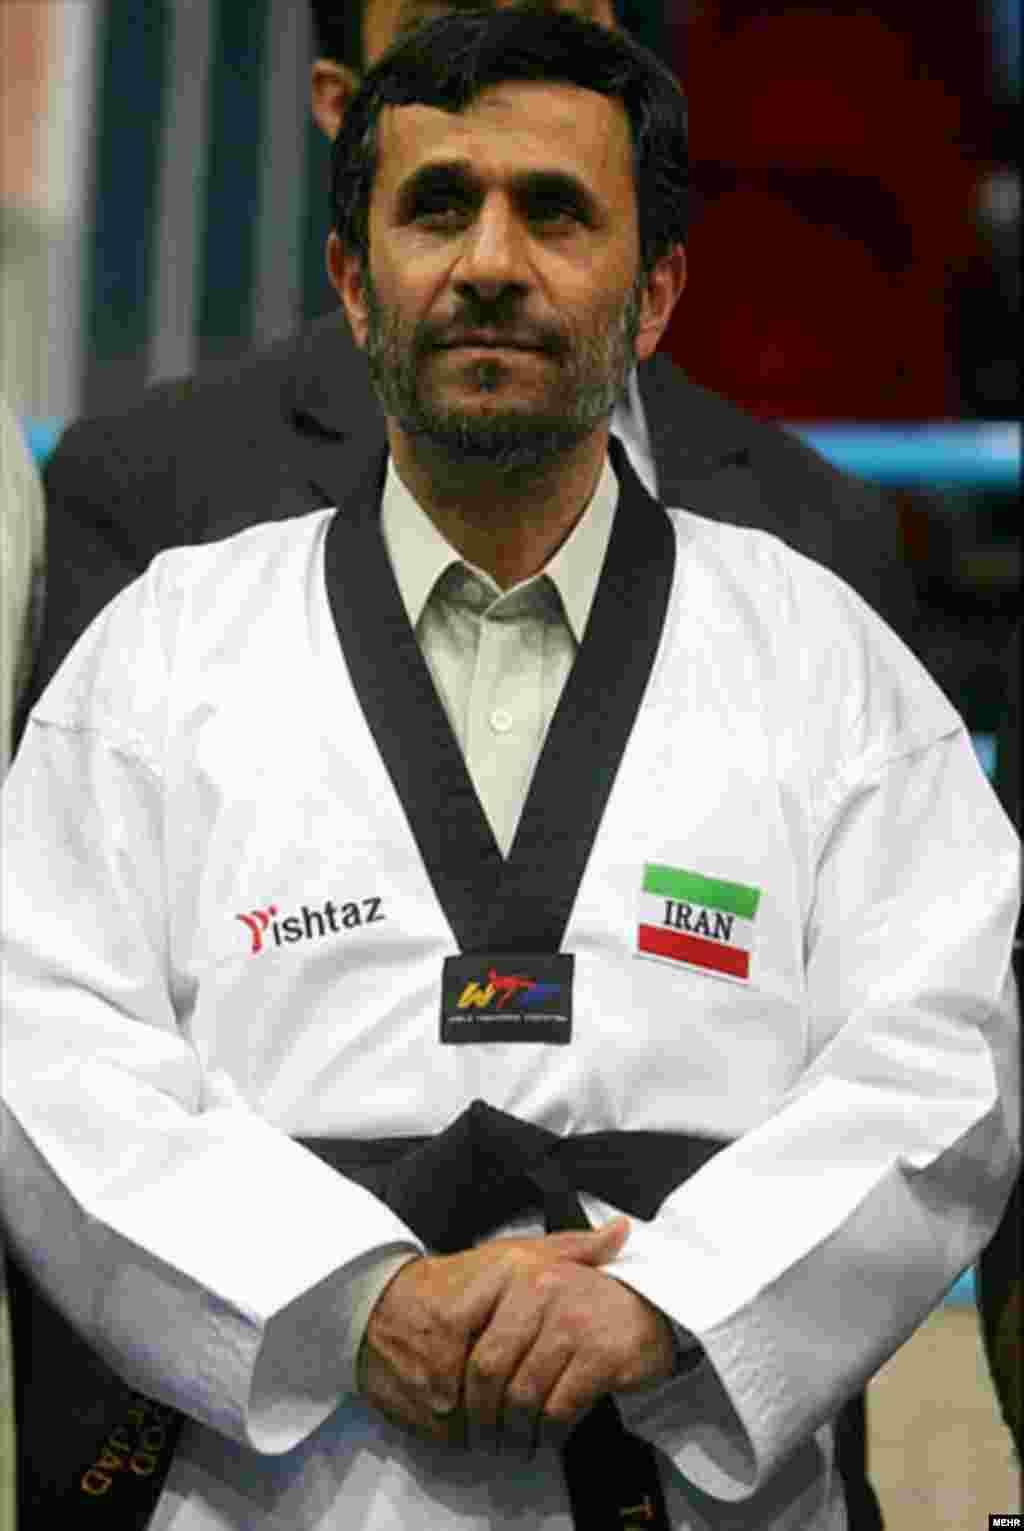 Prezident Mahmud Ahmadinejad karate idmanı üçün geyimdə.